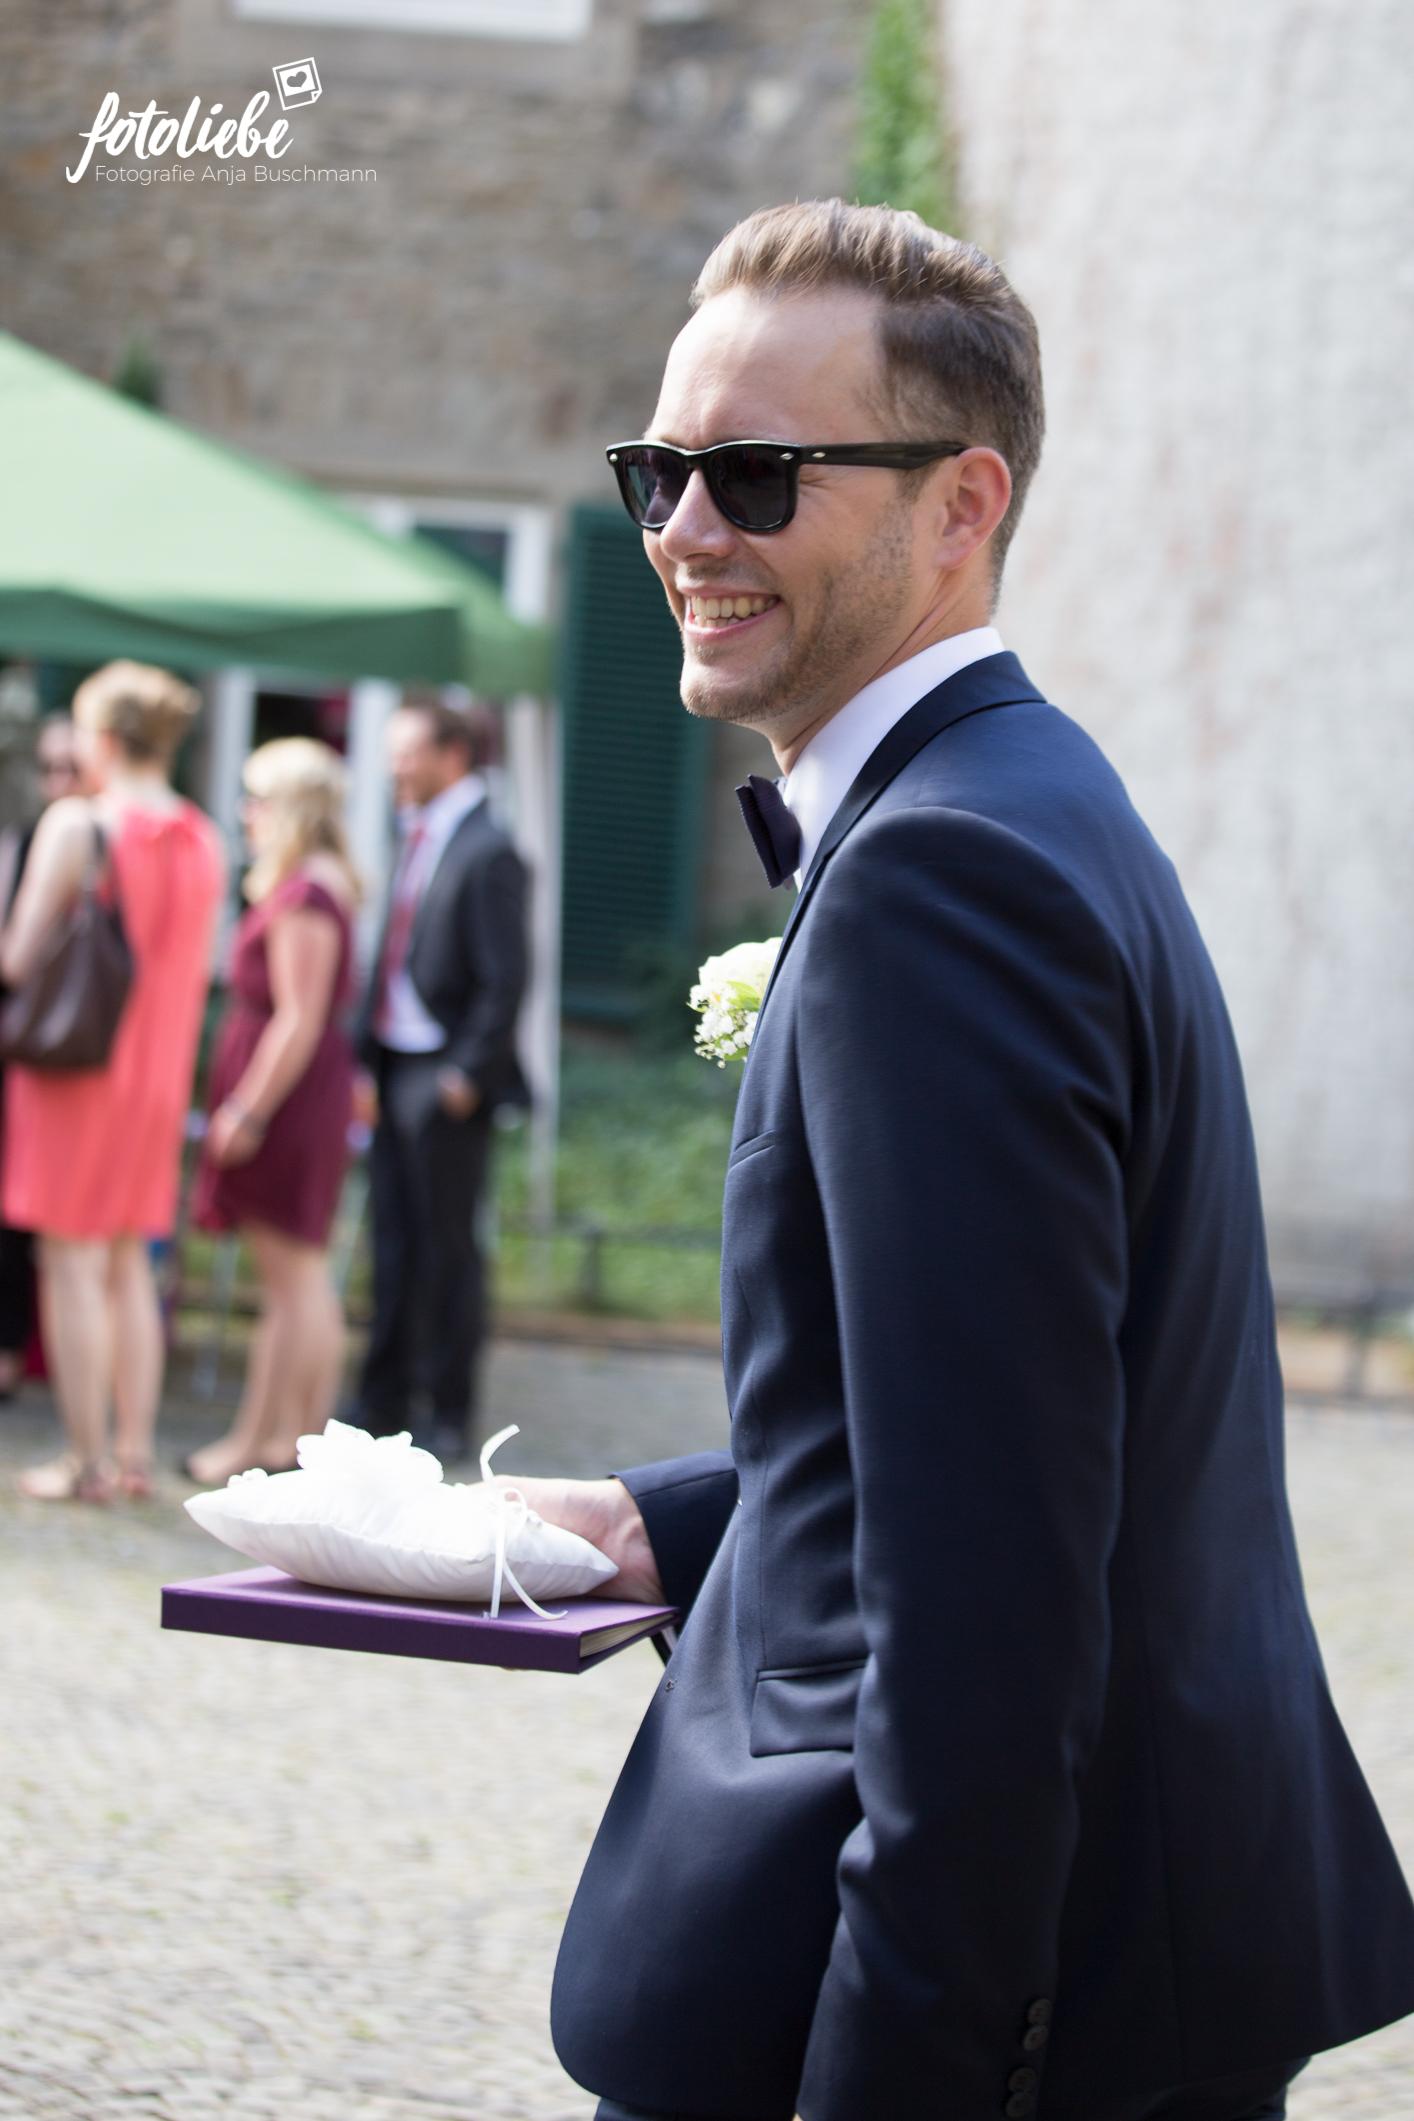 Fotoliebe-Hochzeit-Ratingen-Trauung-MikaTobi_005